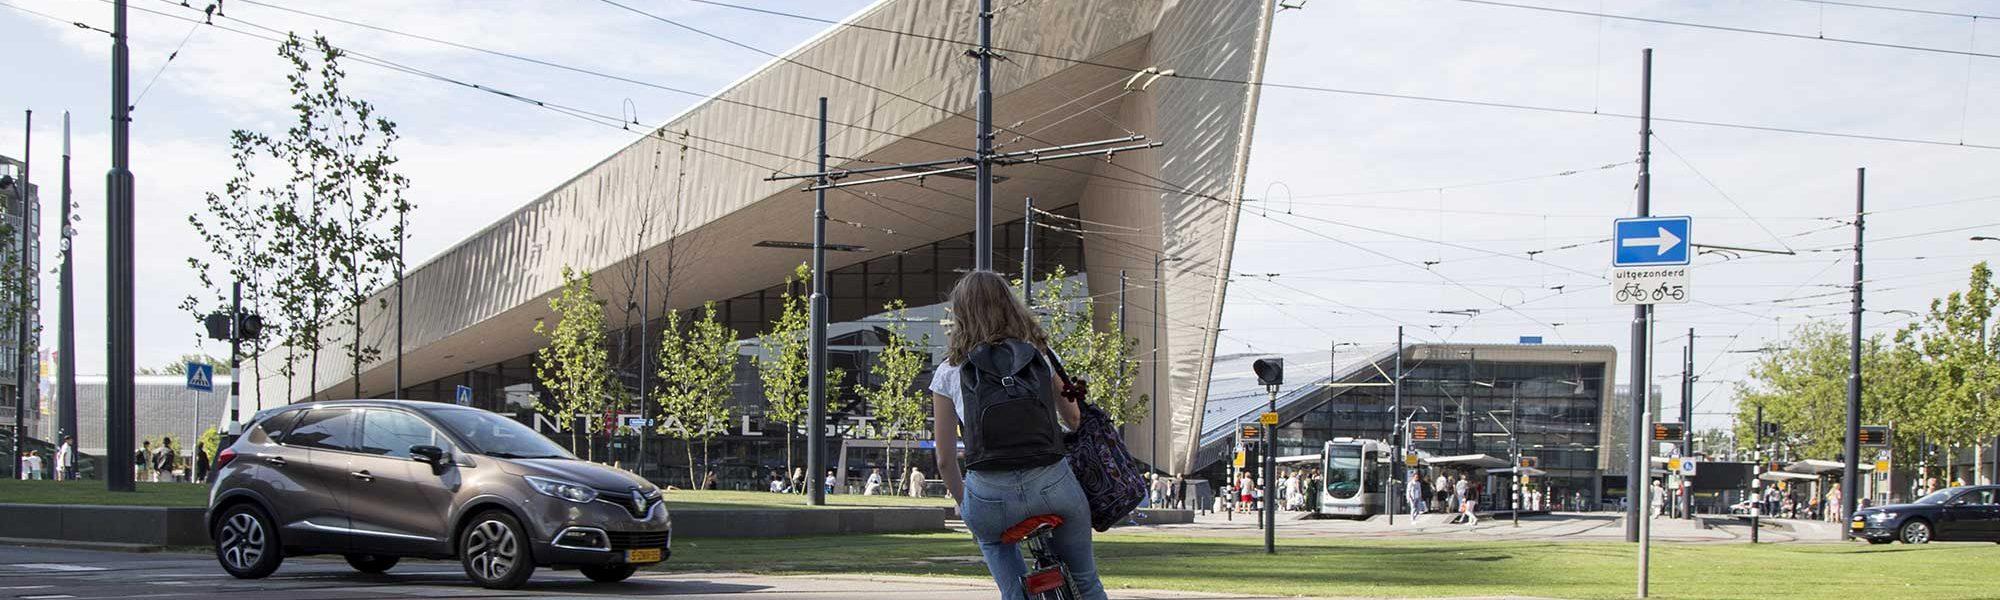 Bgt Rotterdam